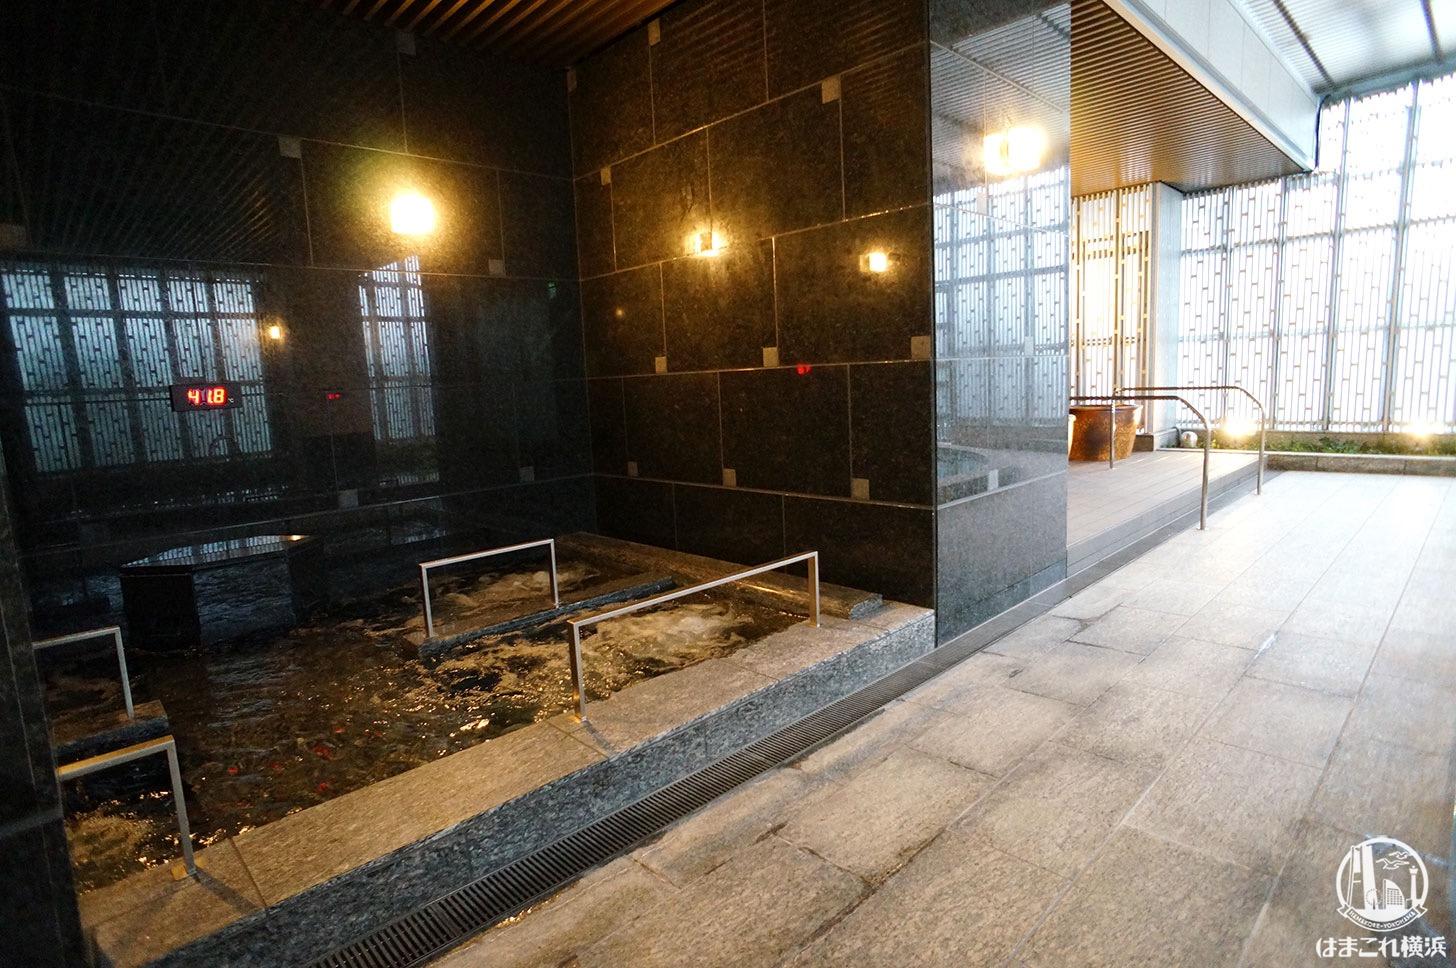 アパホテル&リゾート 横浜ベイタワー 大浴場 女湯